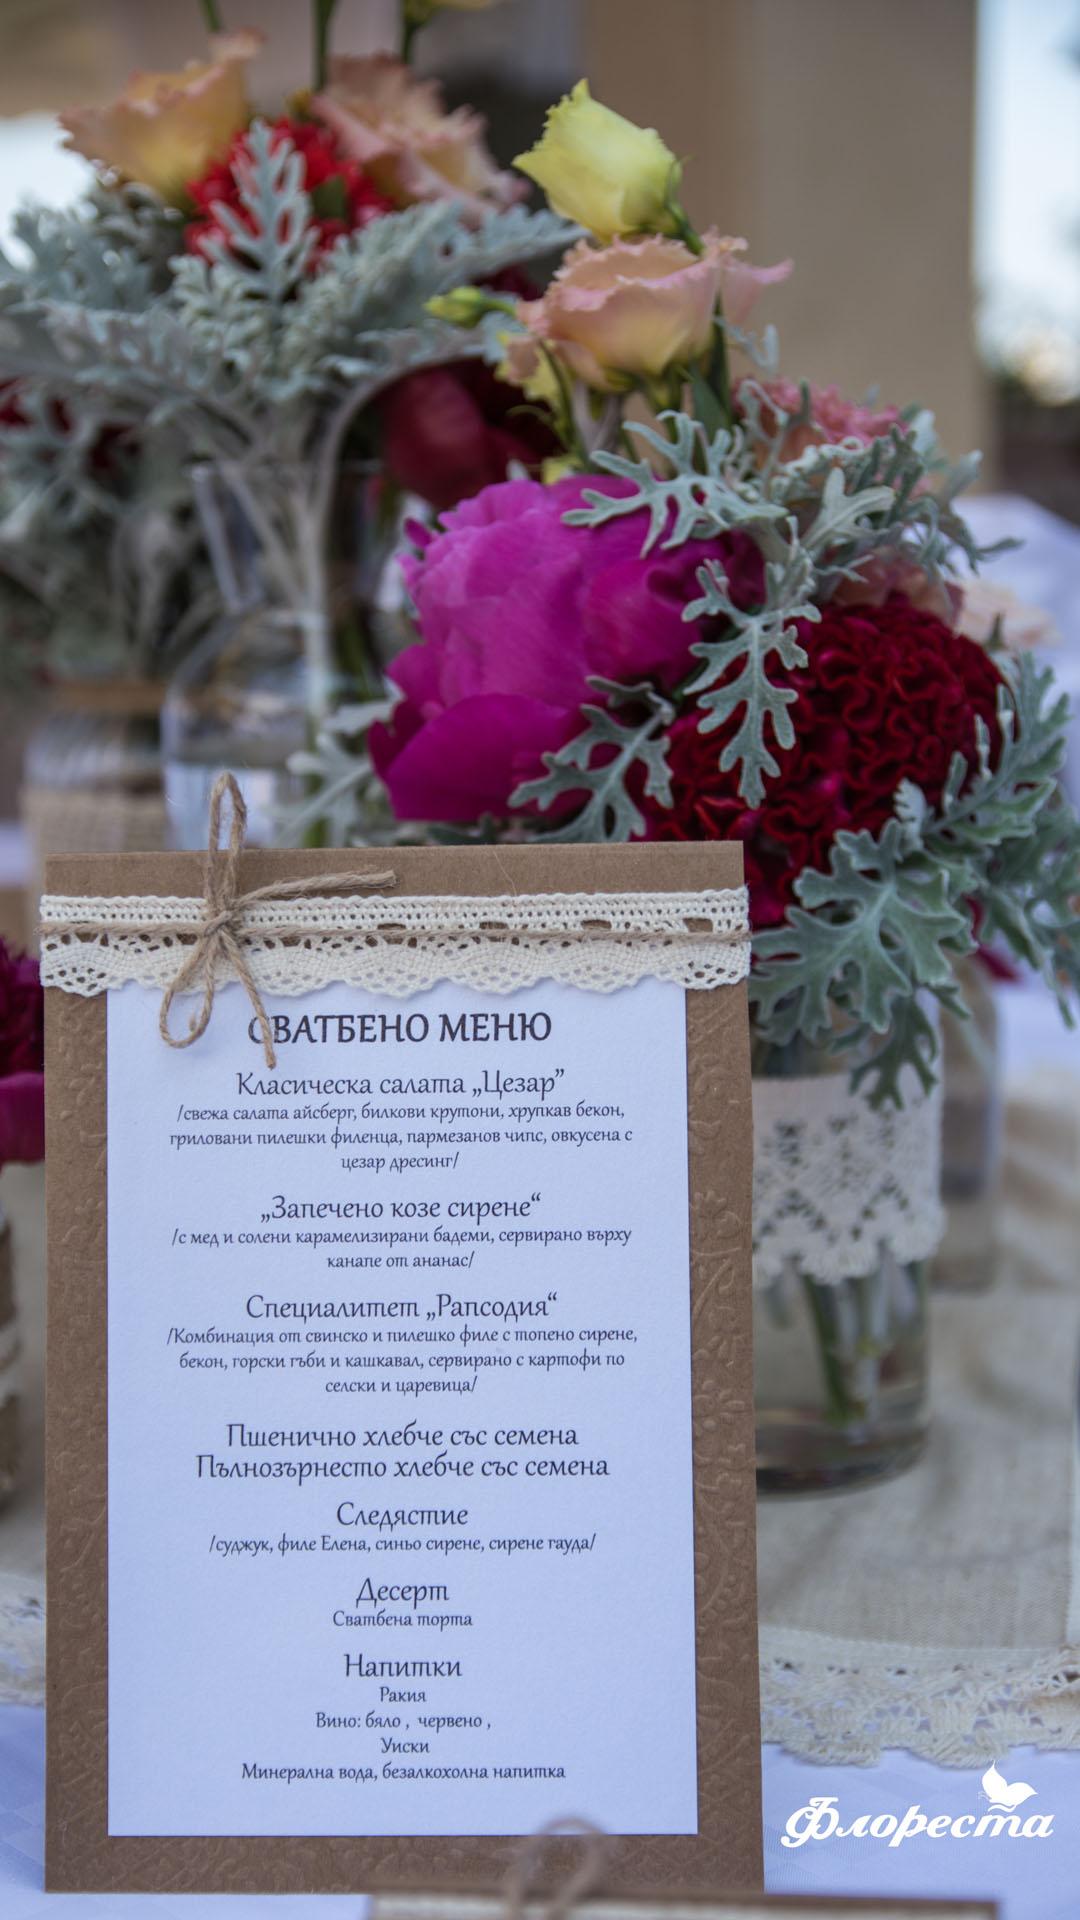 Ръчно декорирано сватбено меню в стил Винтидж